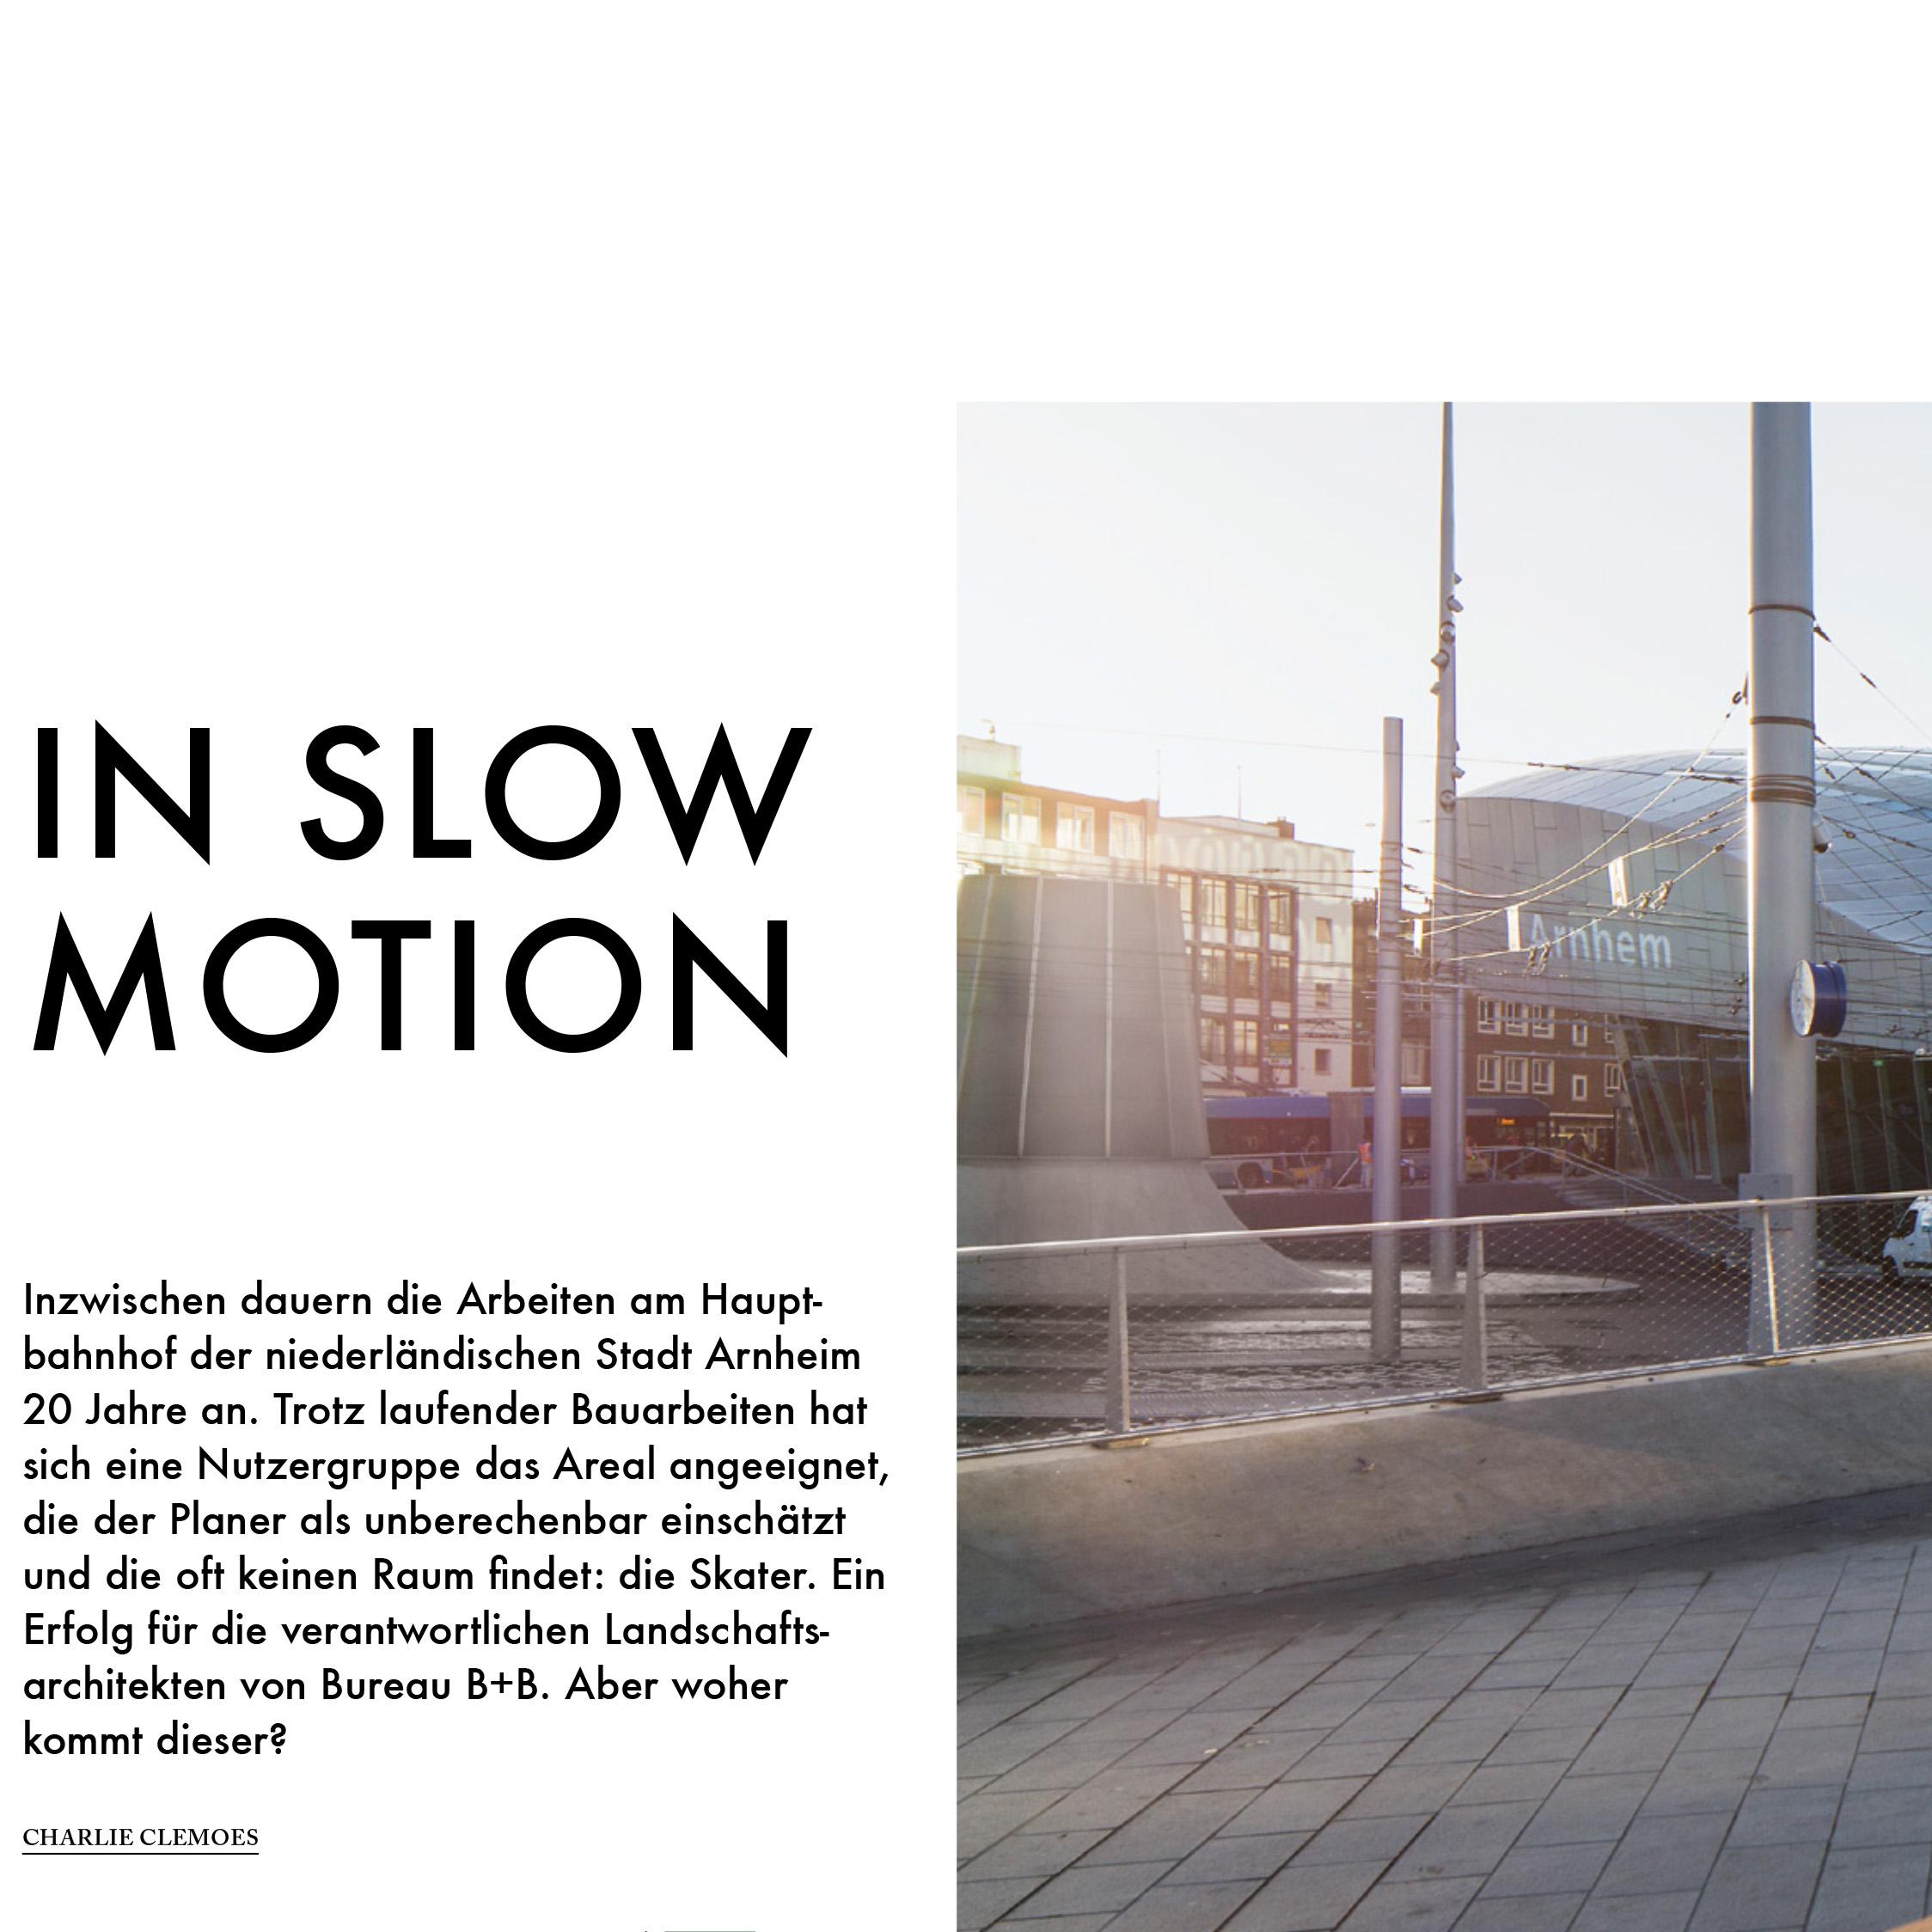 In Slow Motion    Garten + Landschaft, Callwey Verlag, Februar 2019    Übersetzung aus dem Englischen   Inzwischen dauern die Arbeiten am Hauptbahnhof der niederländischen Stadt Arnheim 20 Jahre an. Trotz laufender Bau arbeiten hat sich eine Nutzergruppe das Areal angeeignet, die der Planer als unberechenbar einschätzt und die oft keinen Raum findet: die Skater. Ein Erfolg für die verantwort lichen Landschaftsarchitekten von Bureau B+B. Aber woher kommt dieser?